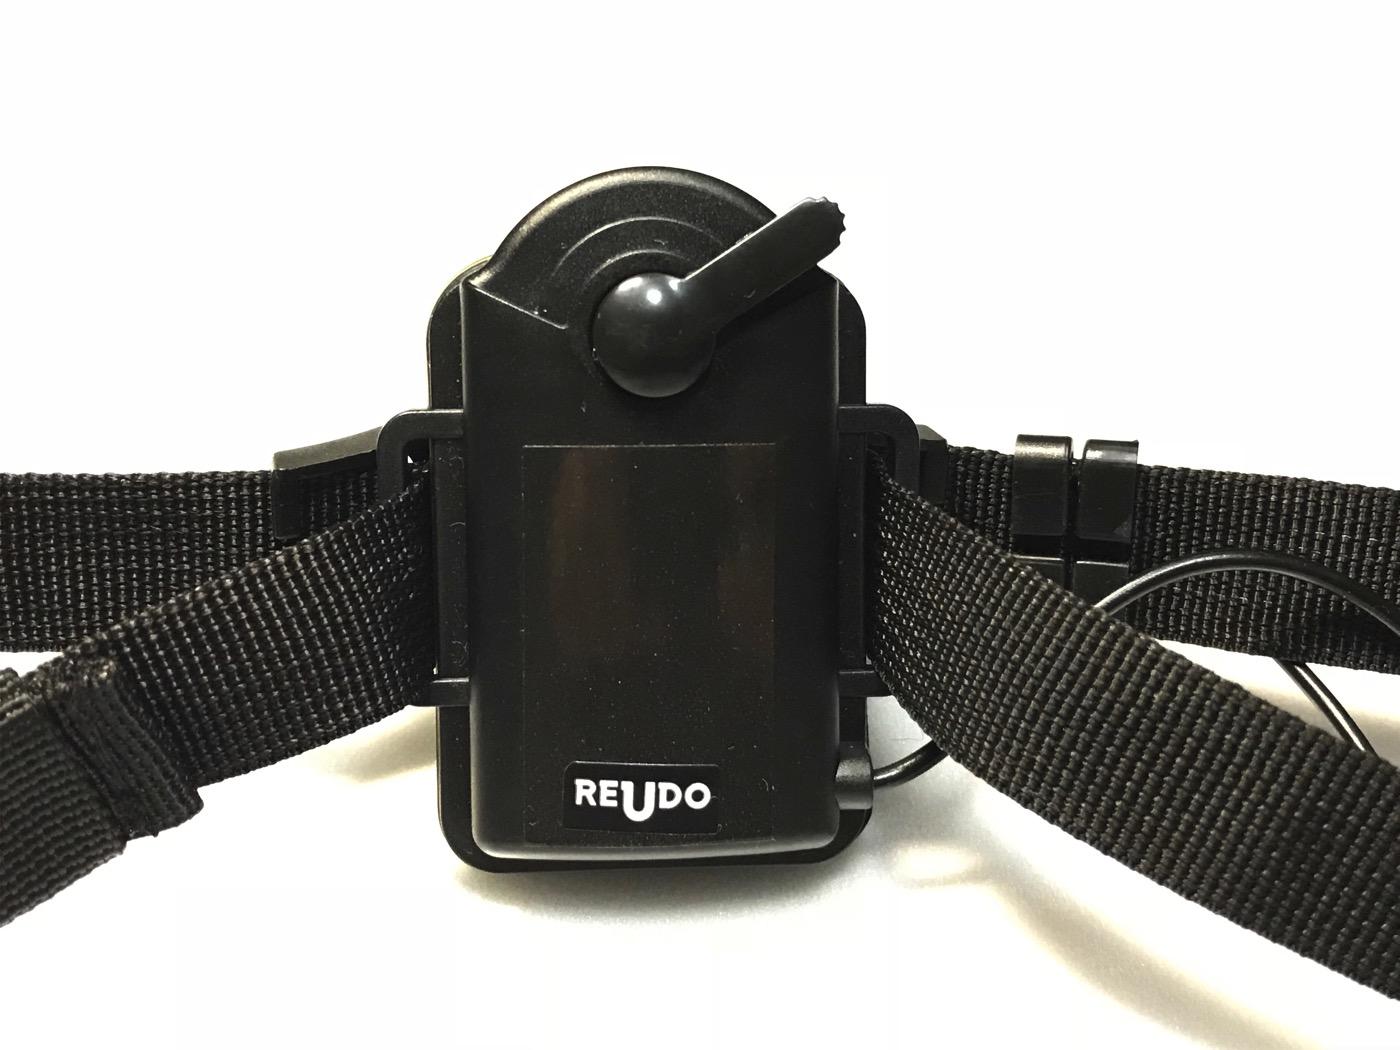 ReUdo ランニングライト 軽量ウエストベルトタイプ-9